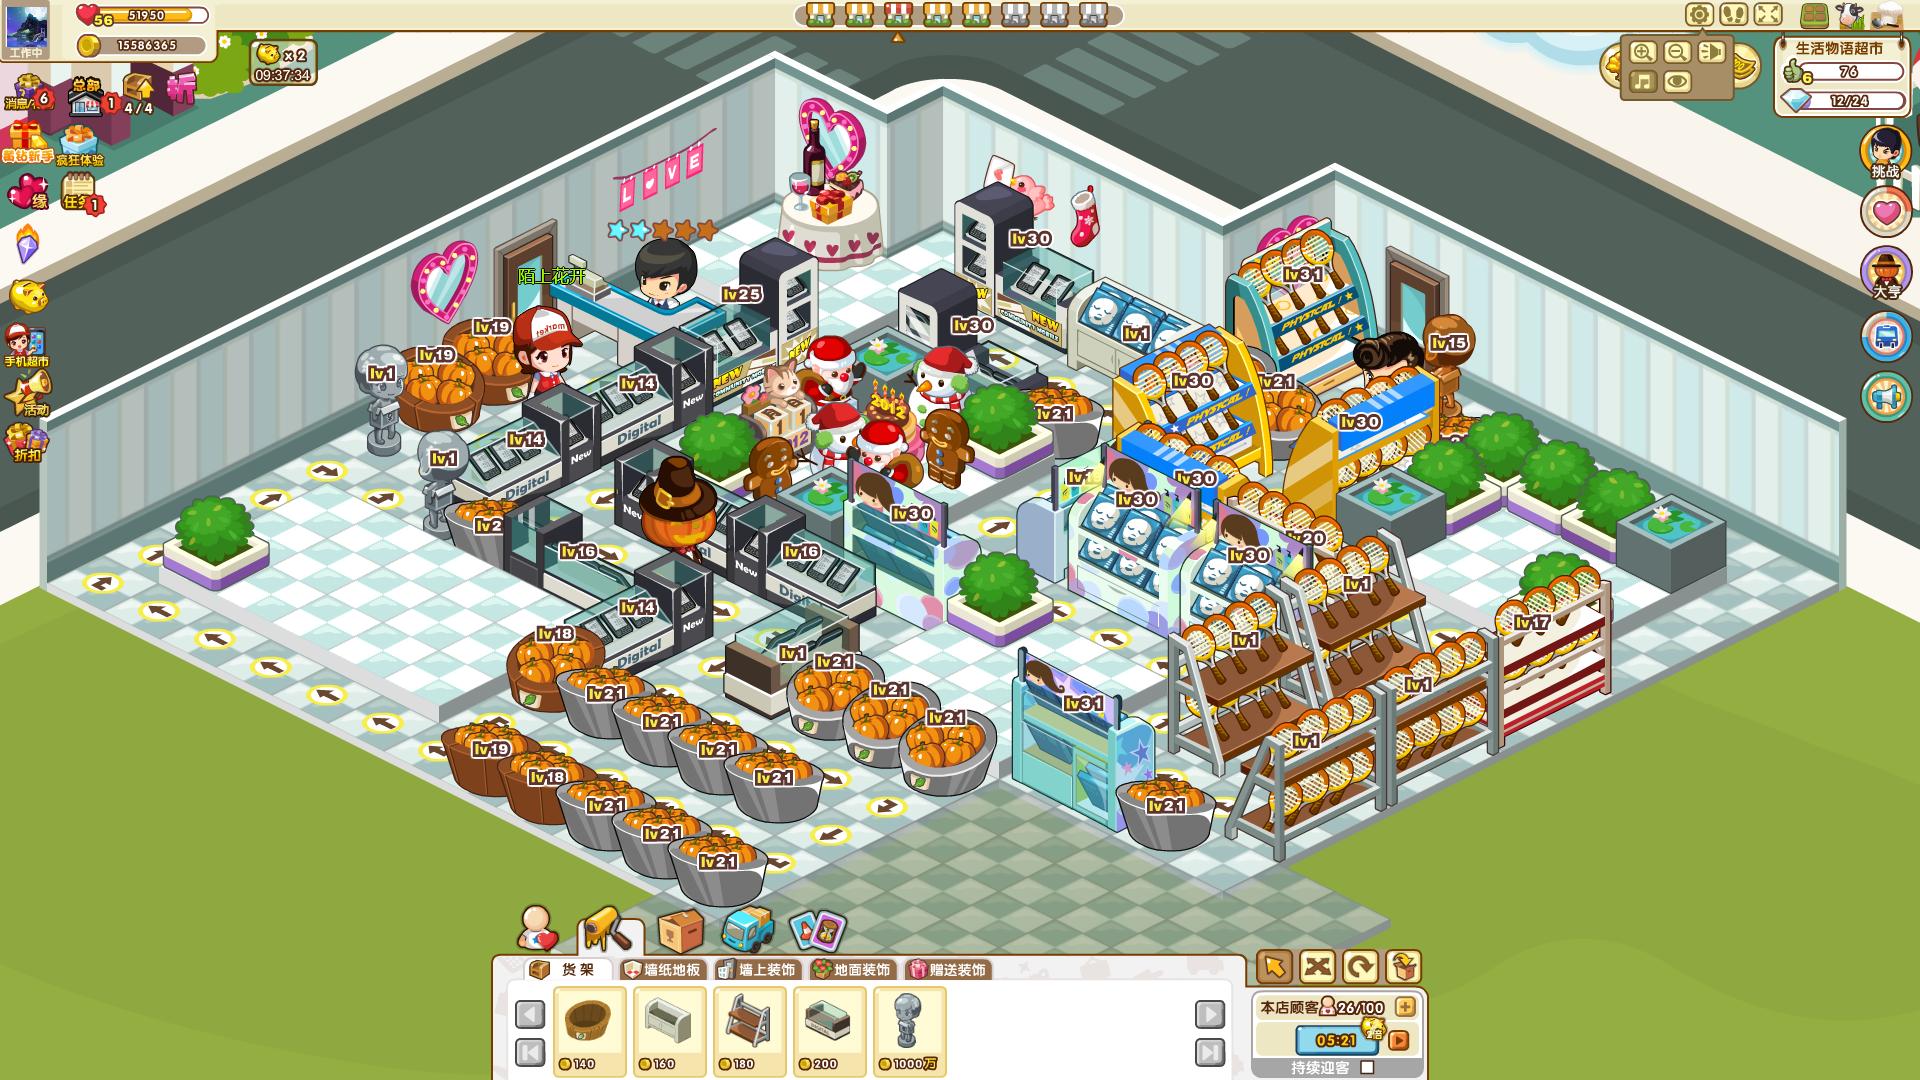 qq超市_qq超市3店6口碑摆法效果图,平面图看着麻烦。_百度知道